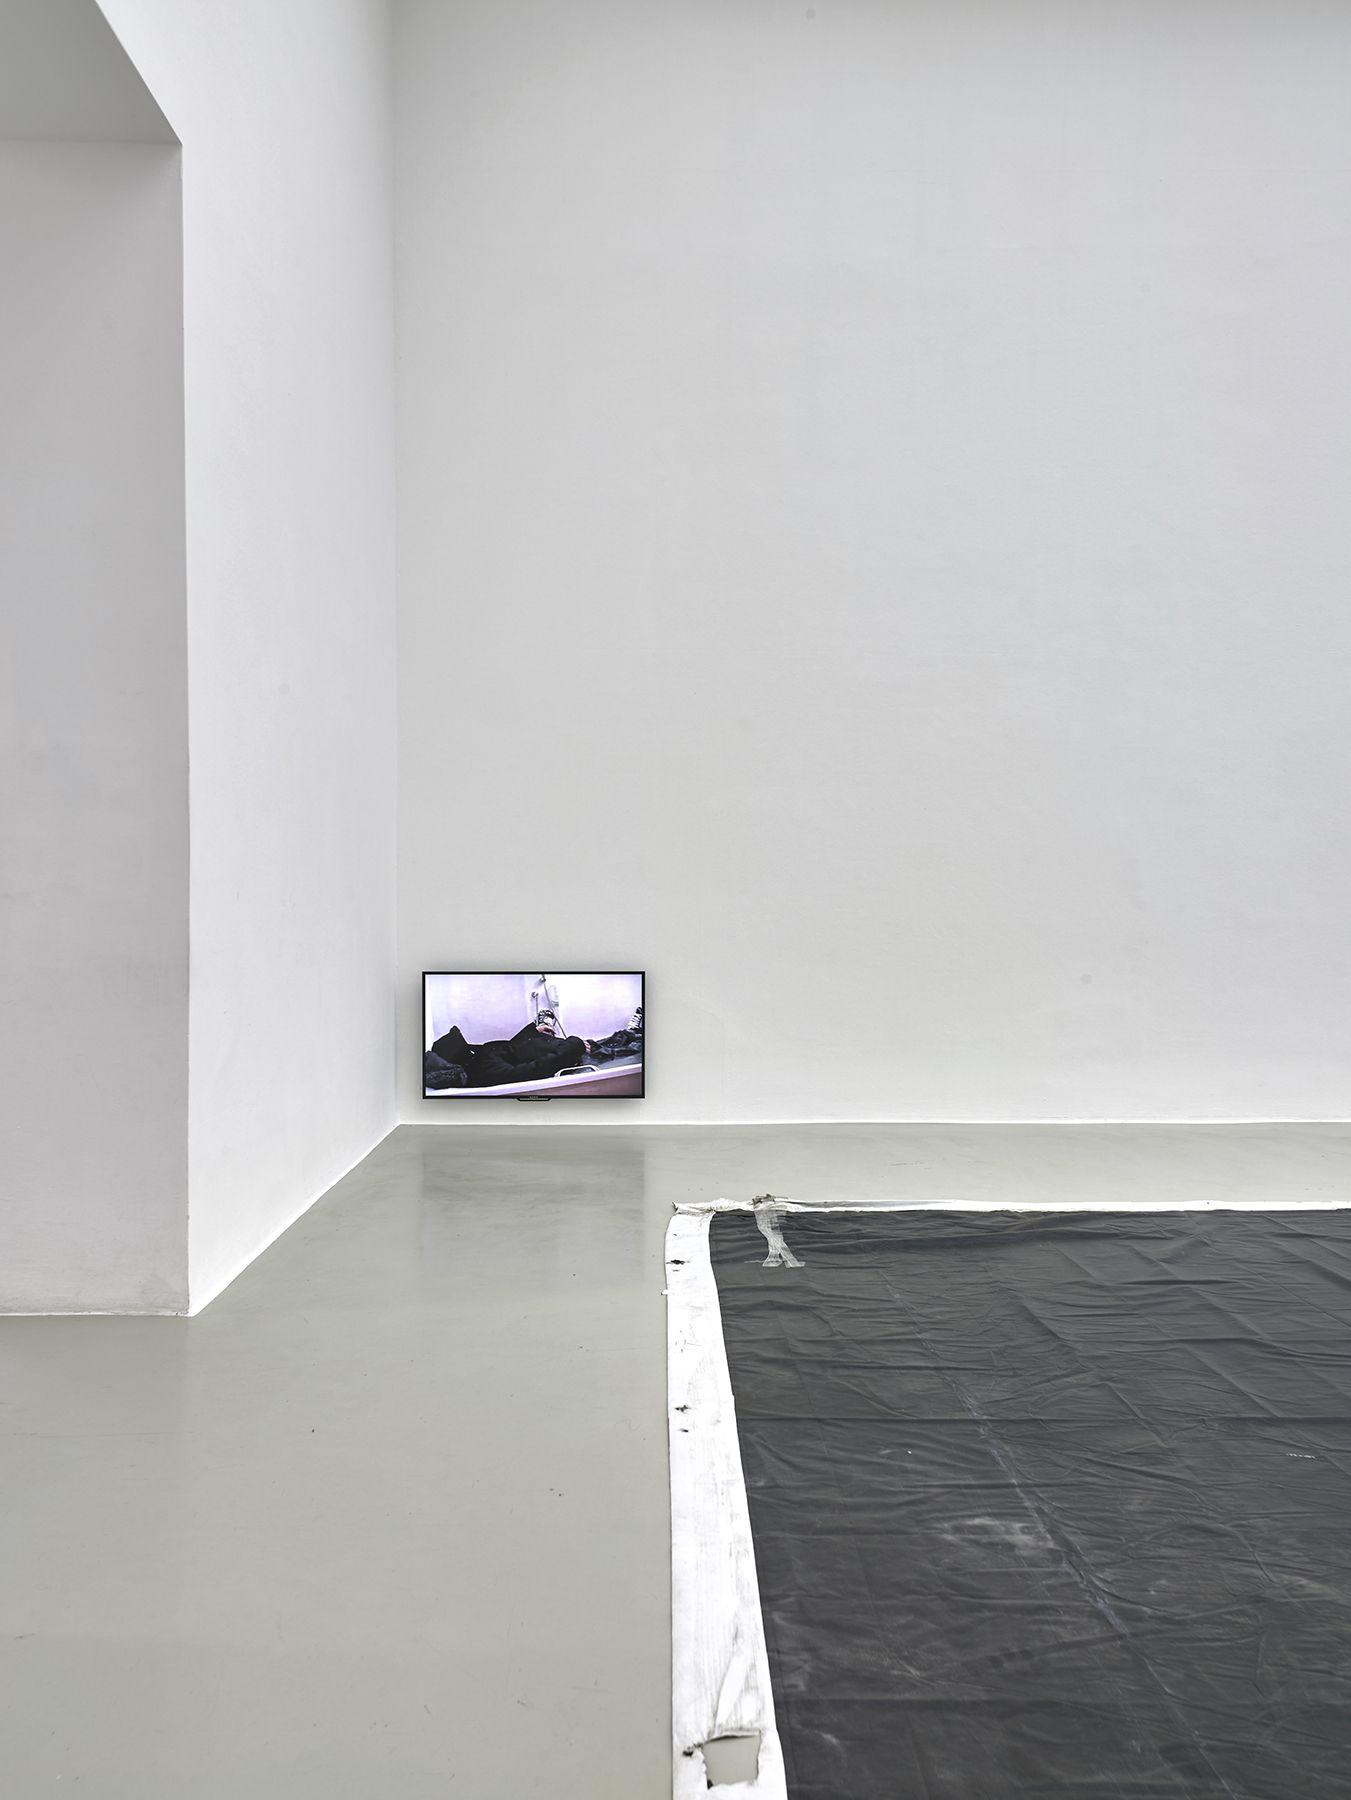 Kunstverein Hannover, HannoverNovember 21, 2015 - January 17, 2016